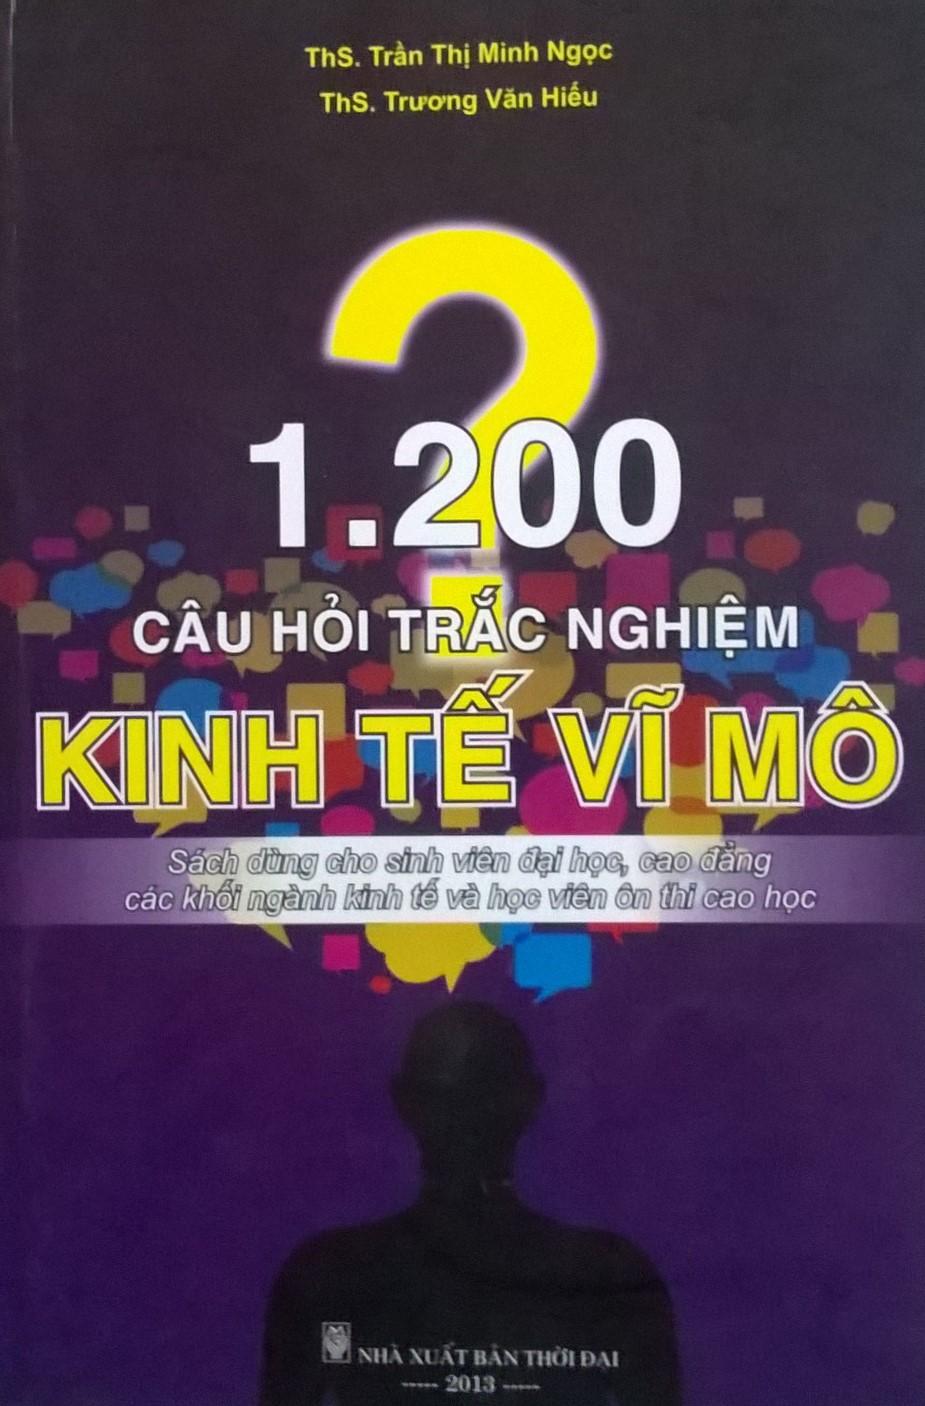 1200 CÂU HỎI TRẮC NGHIỆM KINH TẾ VĨ MÔ